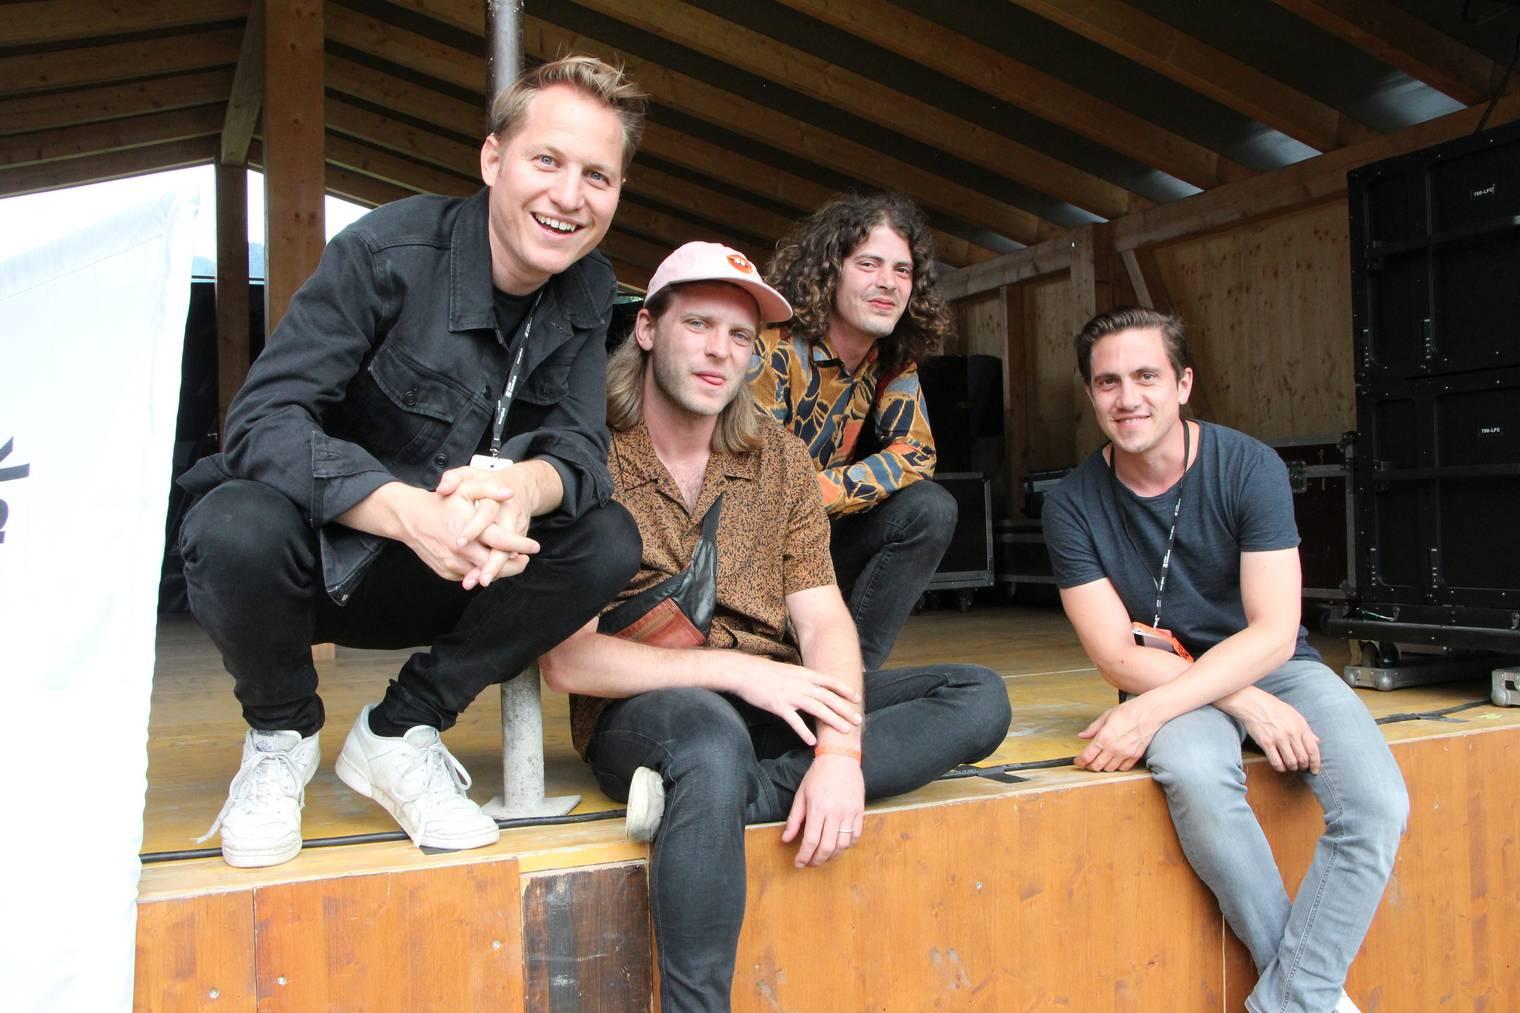 Die Band Hecht ist bereits das zweite Mal am Quellrock. Stefan Buckt, der Leadsänger ist ganz links im Bild. (Bild: Lara Abderhalden)